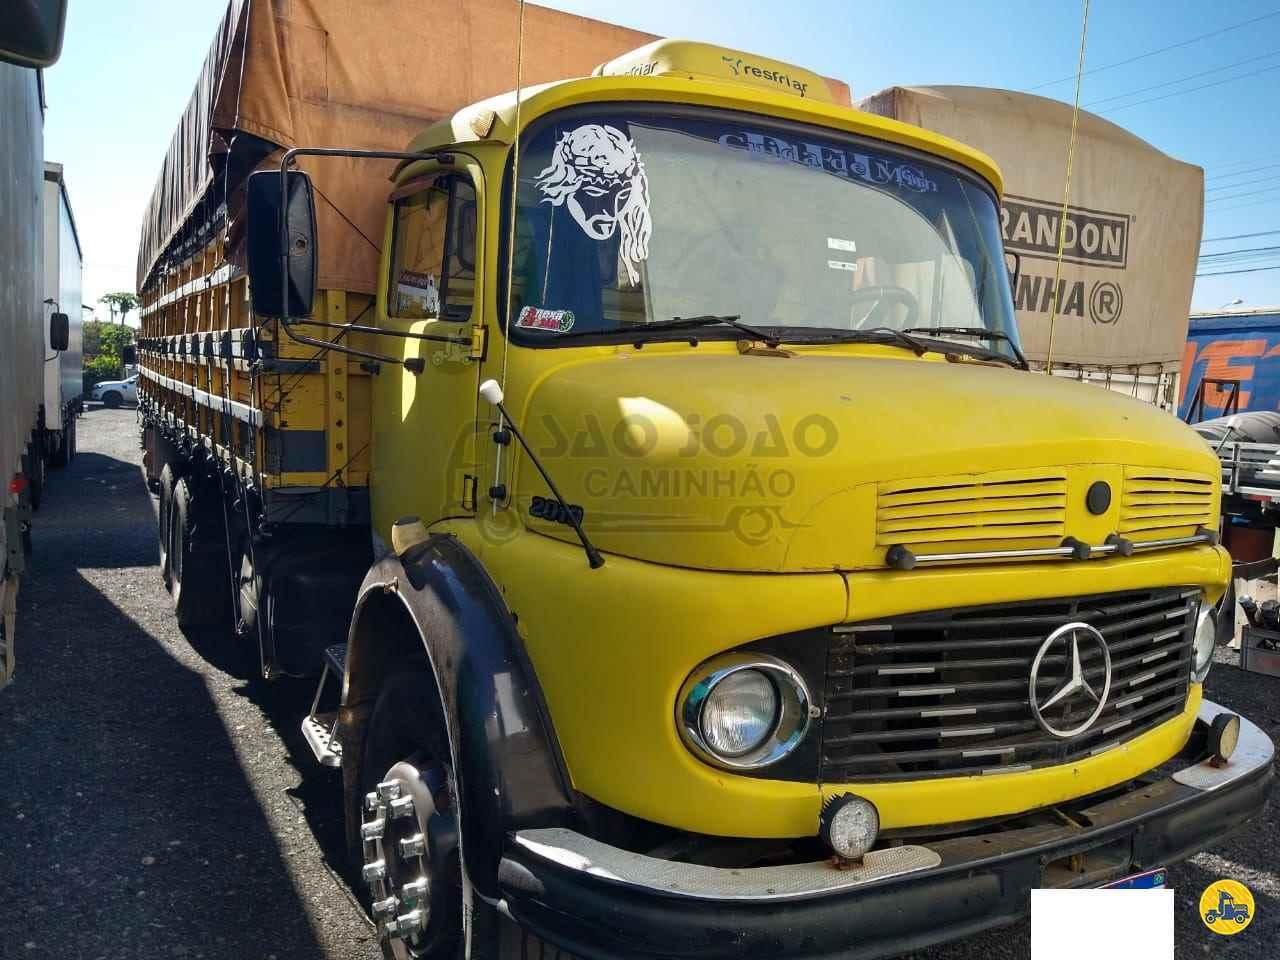 CAMINHAO MERCEDES-BENZ MB 2013 Graneleiro Truck 6x2 São João Caminhão SAO JOAO DA BOA VISTA SÃO PAULO SP